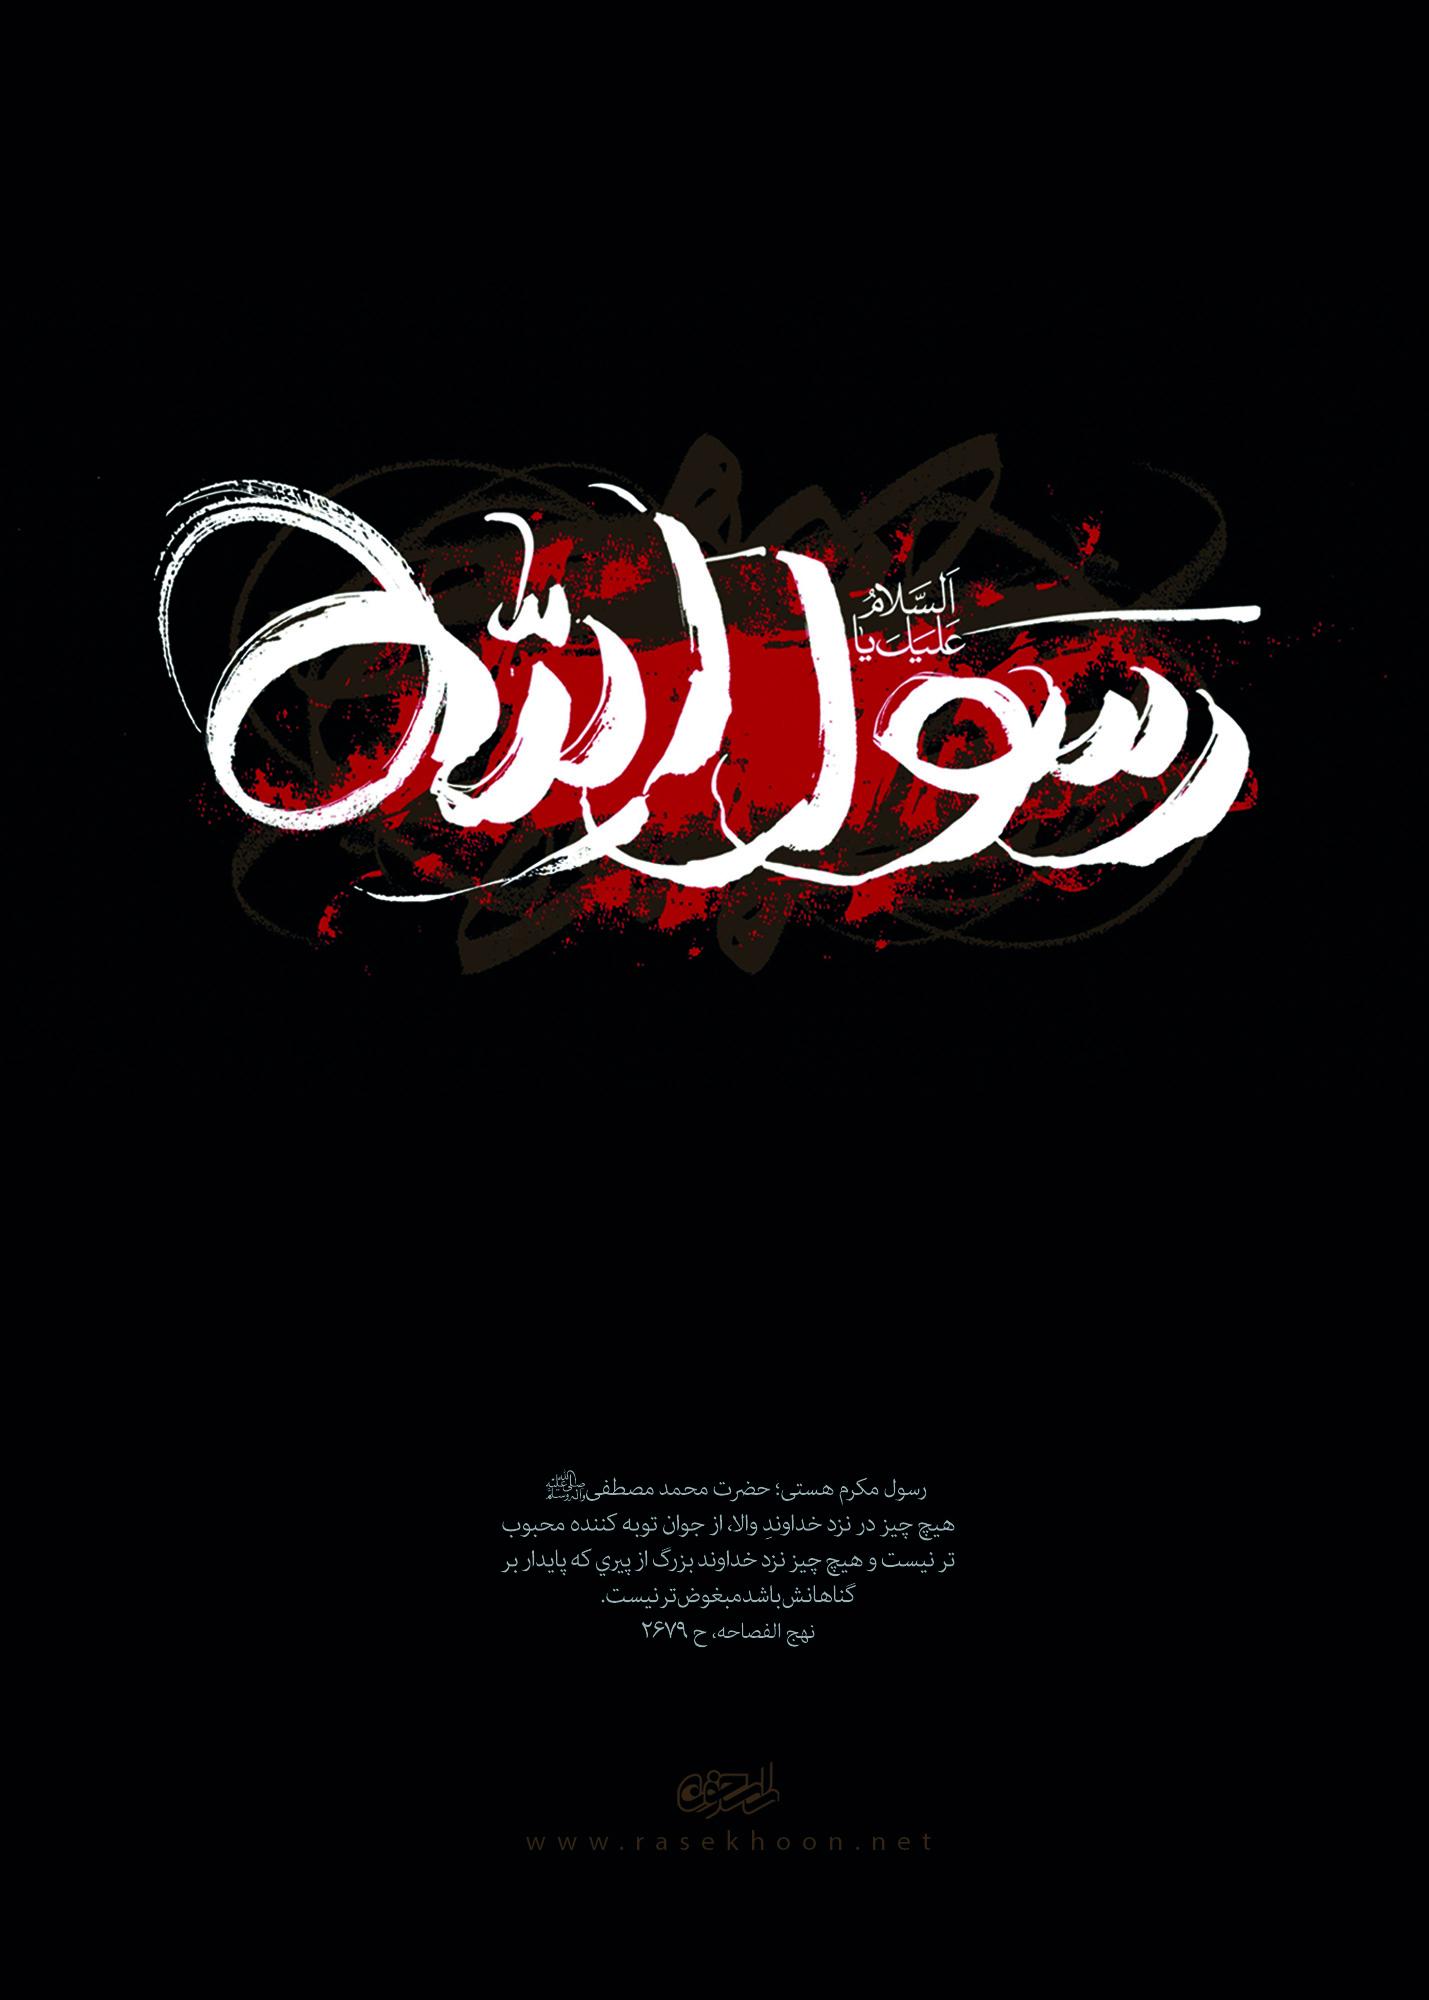 محمد رسوالله/ اثر حمید قربانپور